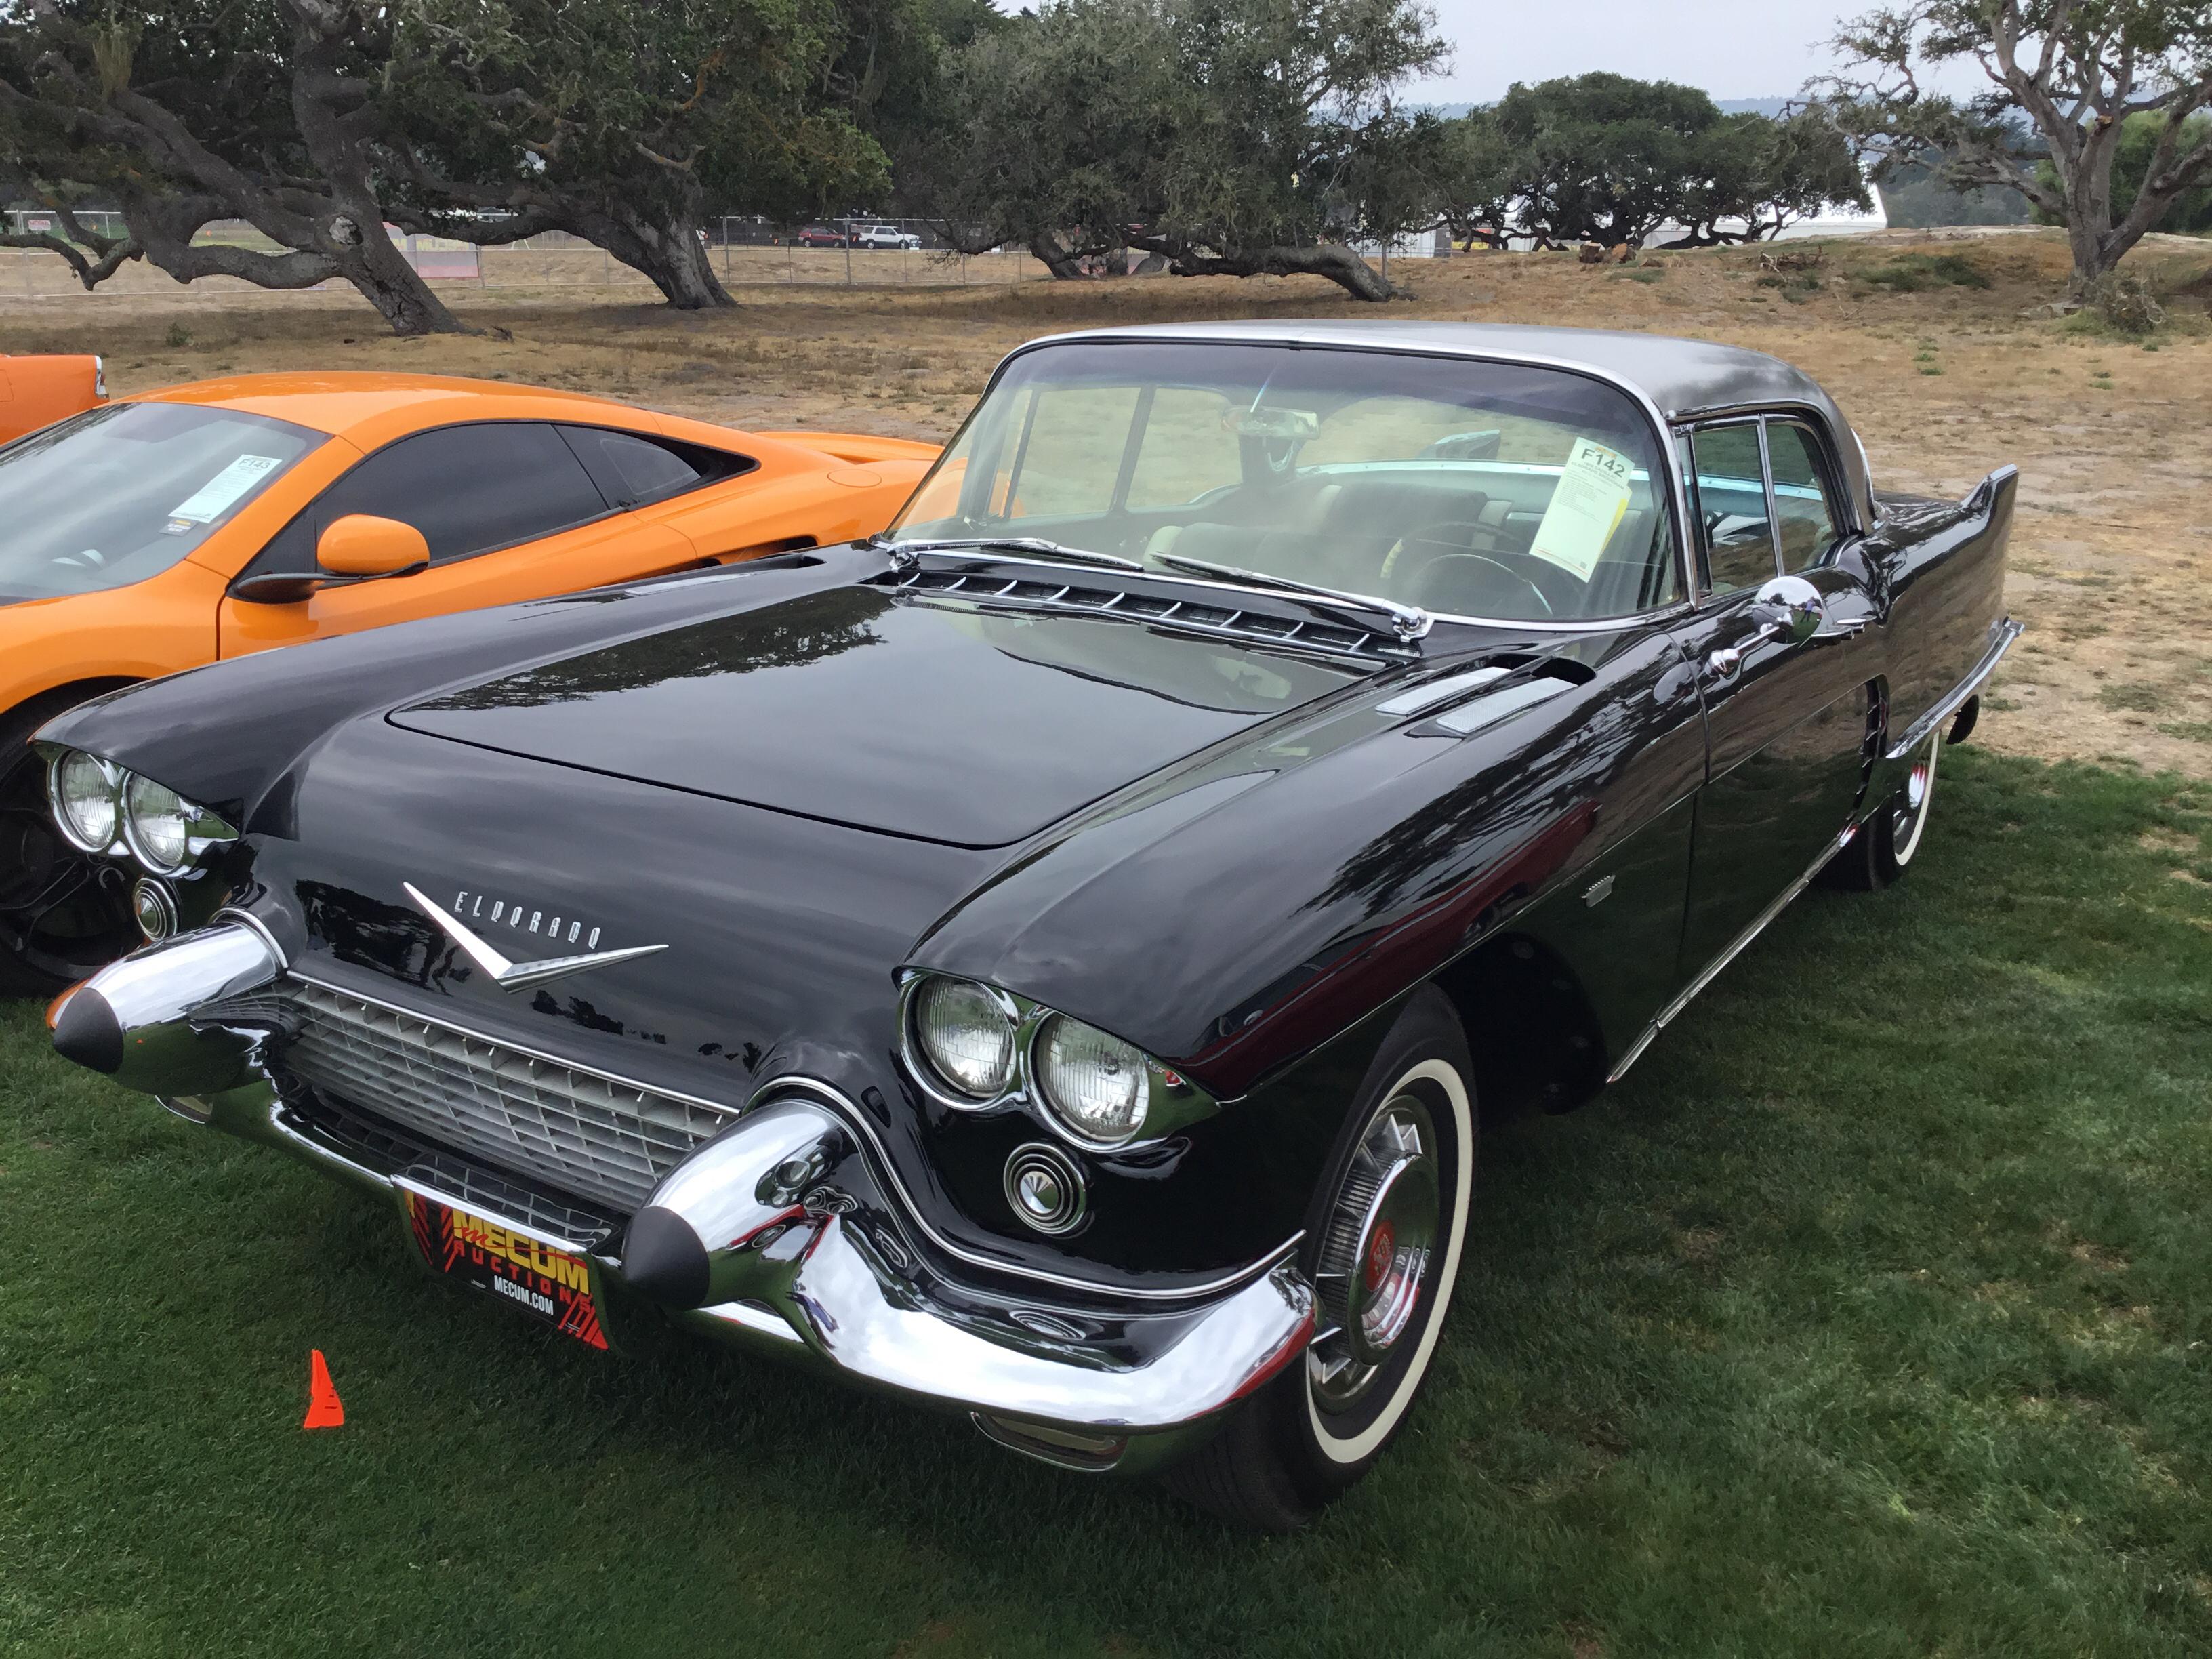 1958 Cadillac Eldorado Seville Values Hagerty Valuation Tool